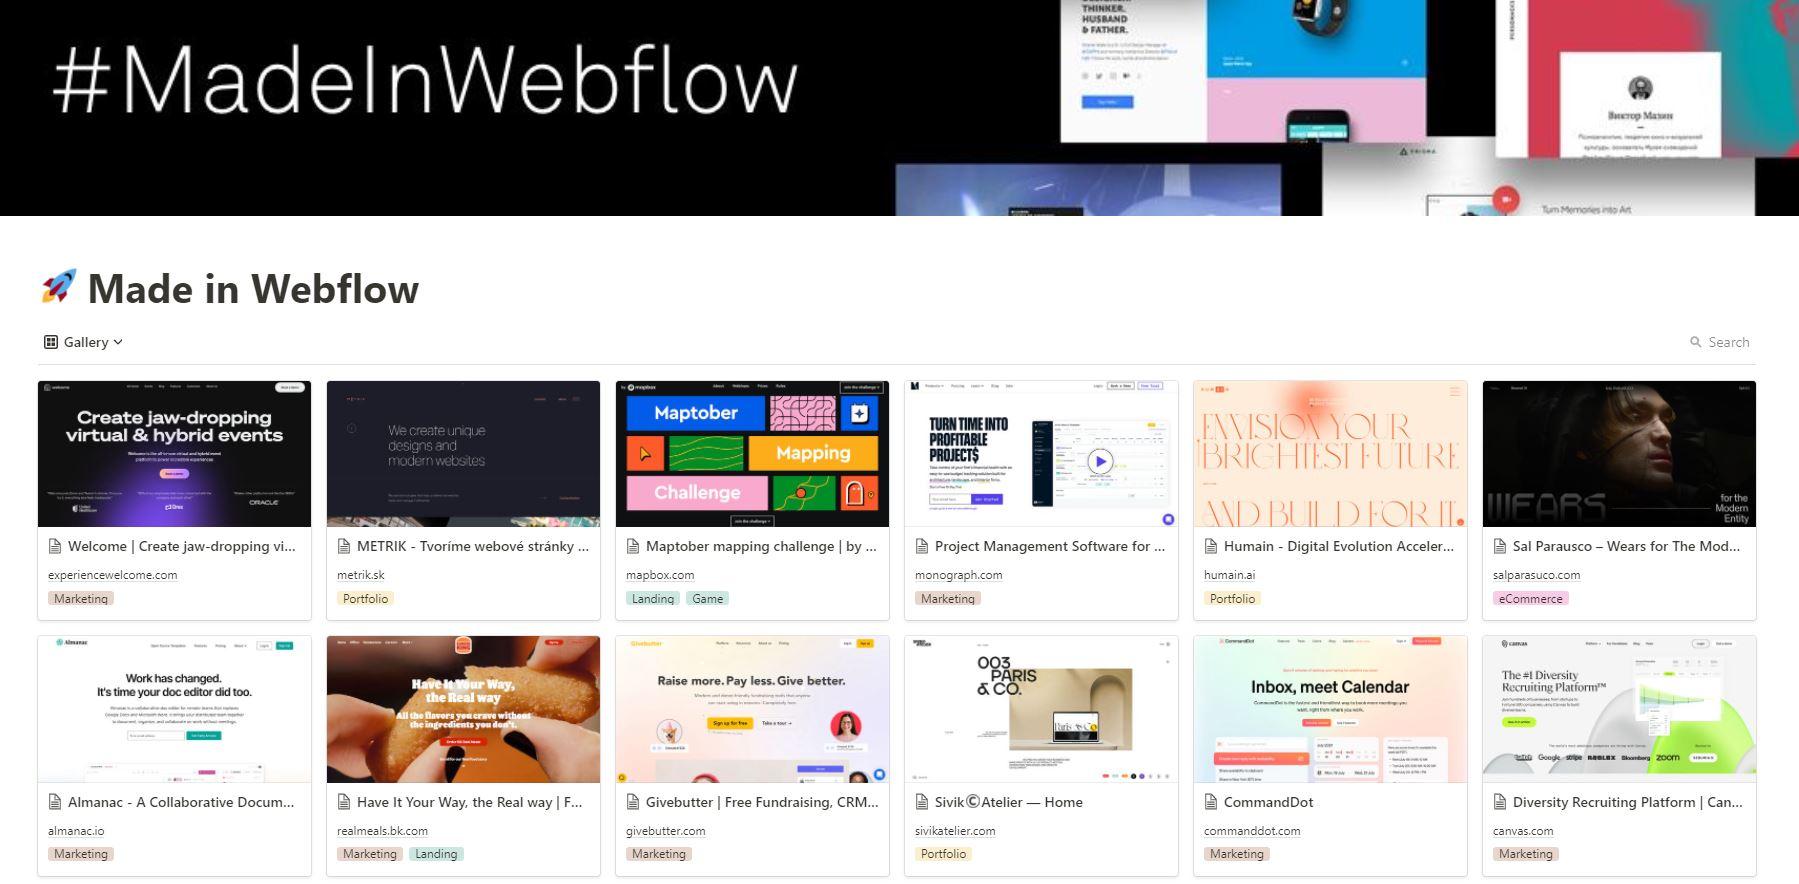 Made In Webflow Gallery by Cory Moen